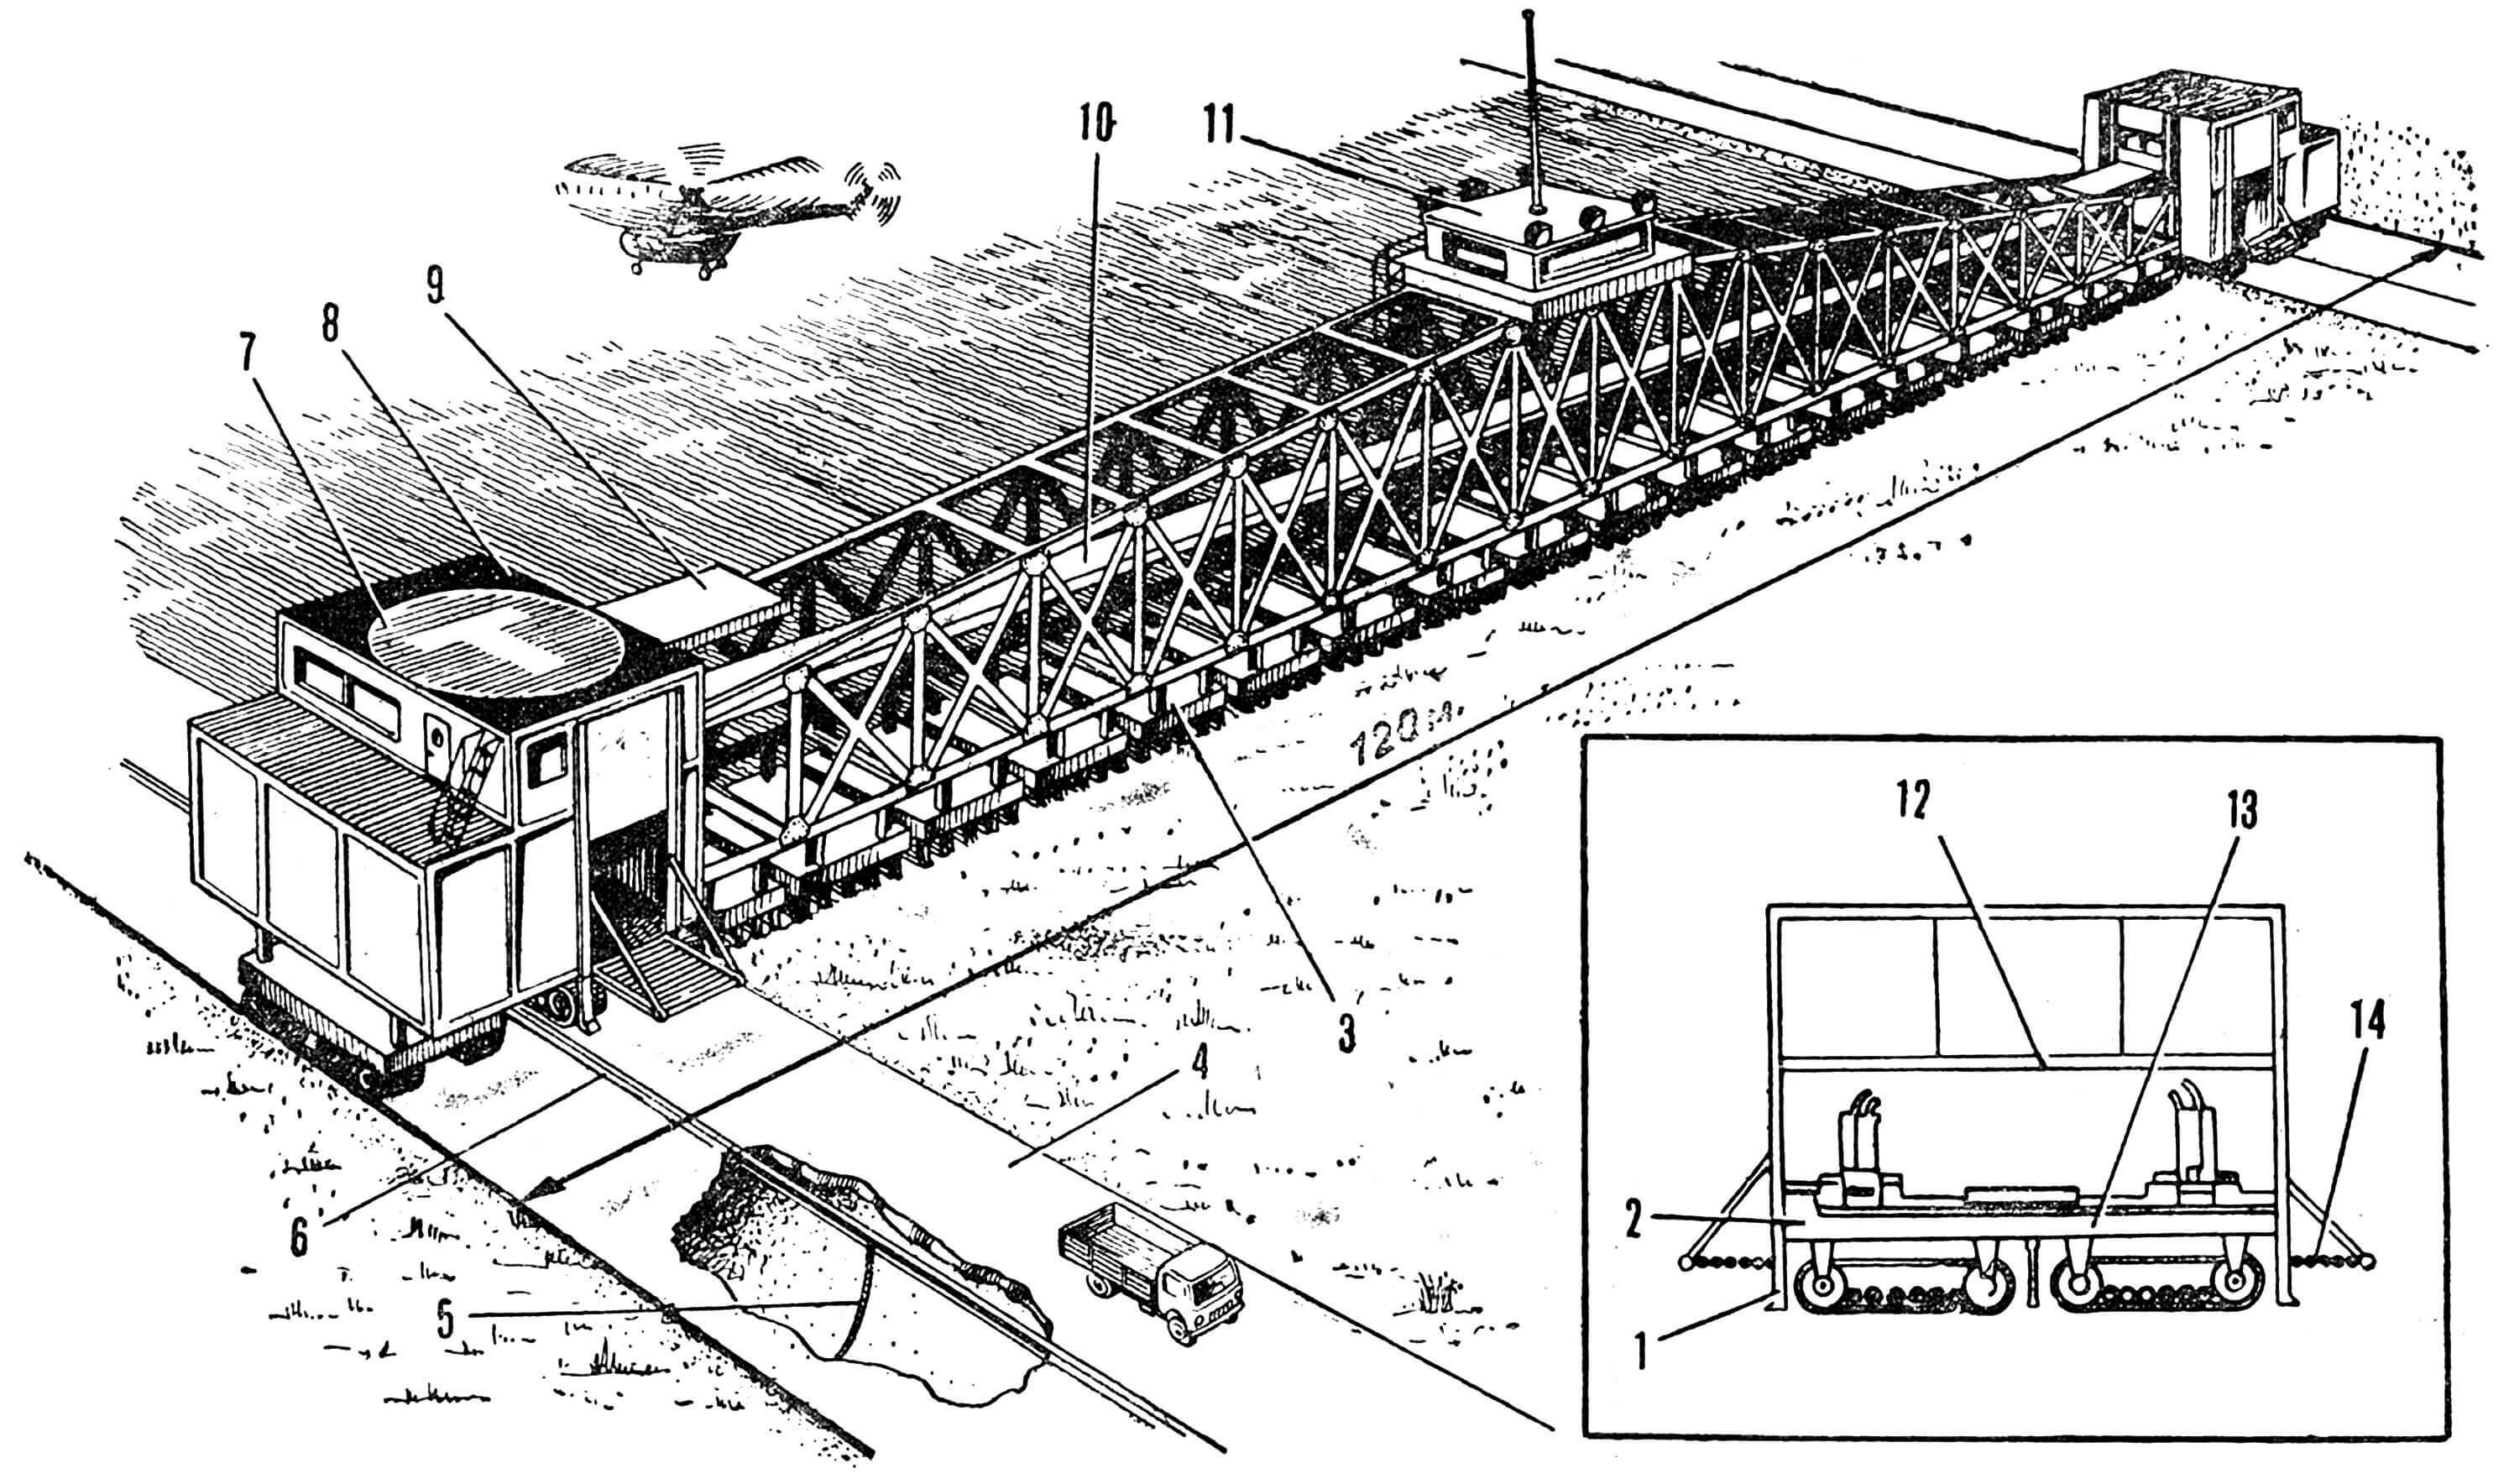 Схематический рисунок 120-метрового мостового стана конструкции М. А. Правоторова: 1 — выдвижная опорная лапа, 2 — ось поворота гусеничной пары, 3 — суппортная платформа с орудиями, 4 — асфальтированная дорога, 5 — электрический кабель, 6 — контактный рельс, 7 — посадочная площадка для вертолета связи, 8 — смотровая площадка, 9 — подъемник площадки, 10 — транспортер, 11 — кабина капитана, 12 — поворотный круг для транспортных машин, 13 — жесткая платформа гусеничного хода, 14 — балка — рольганг для транспортных машин.